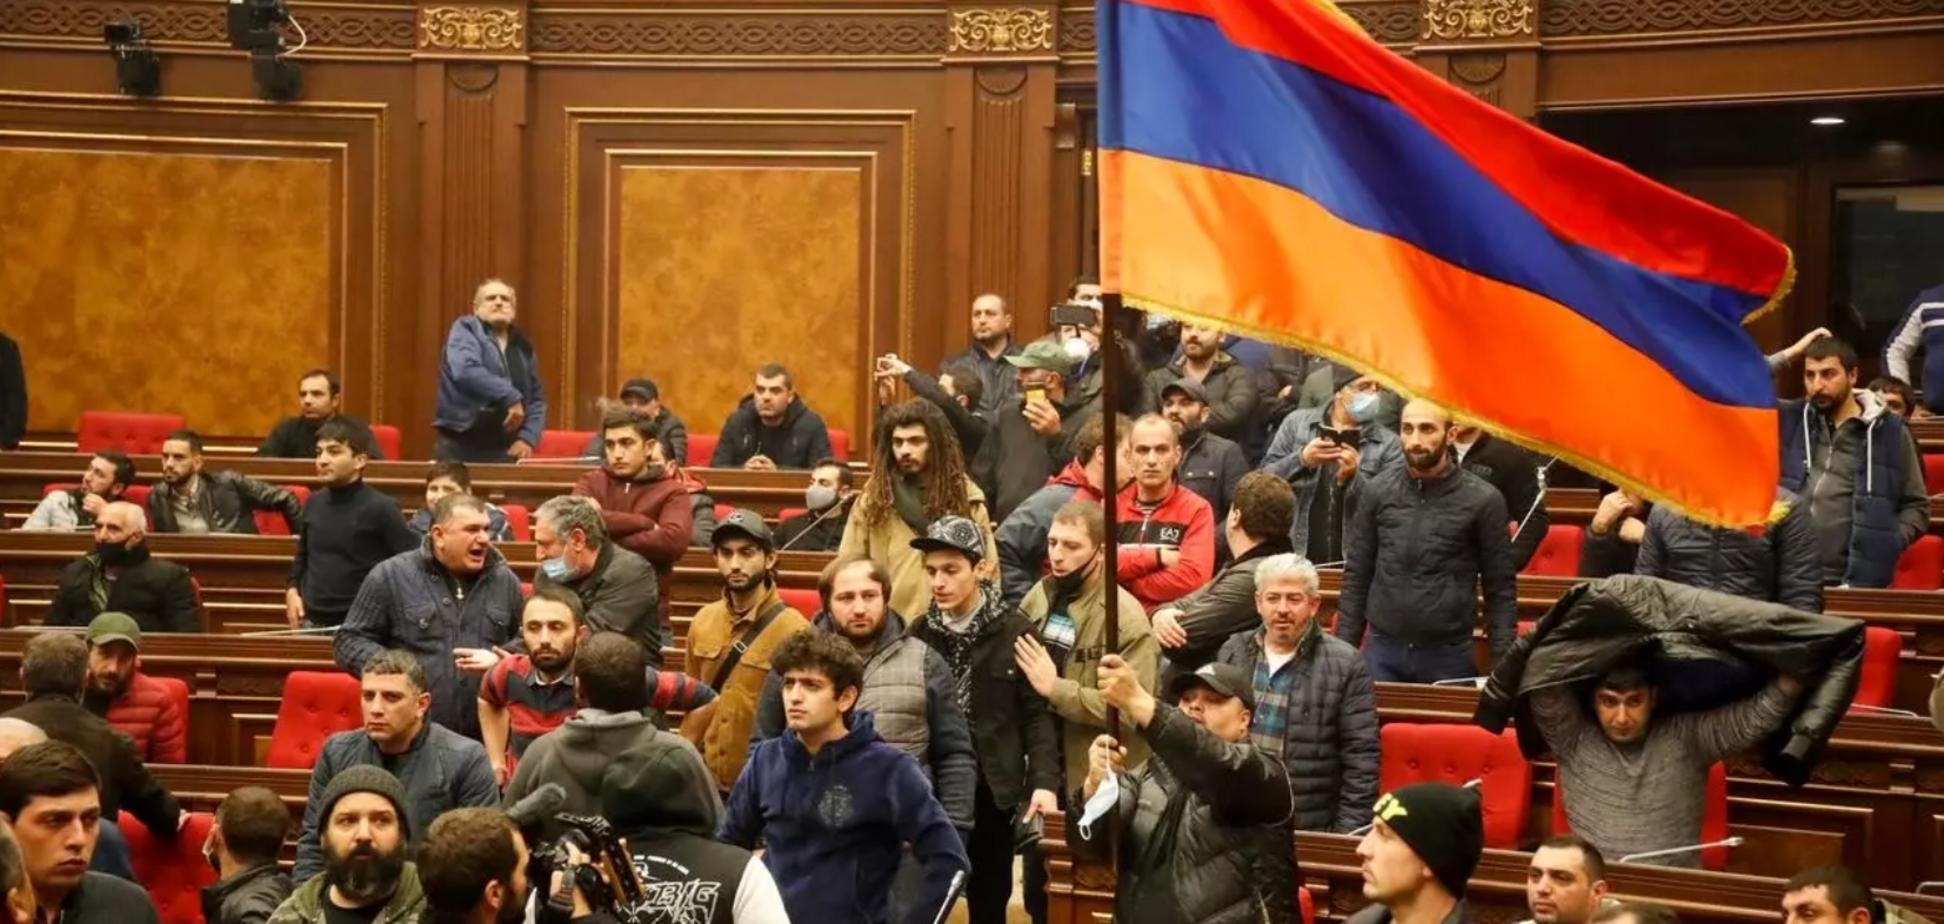 У Єревані протестувальники увірвалися в парламент